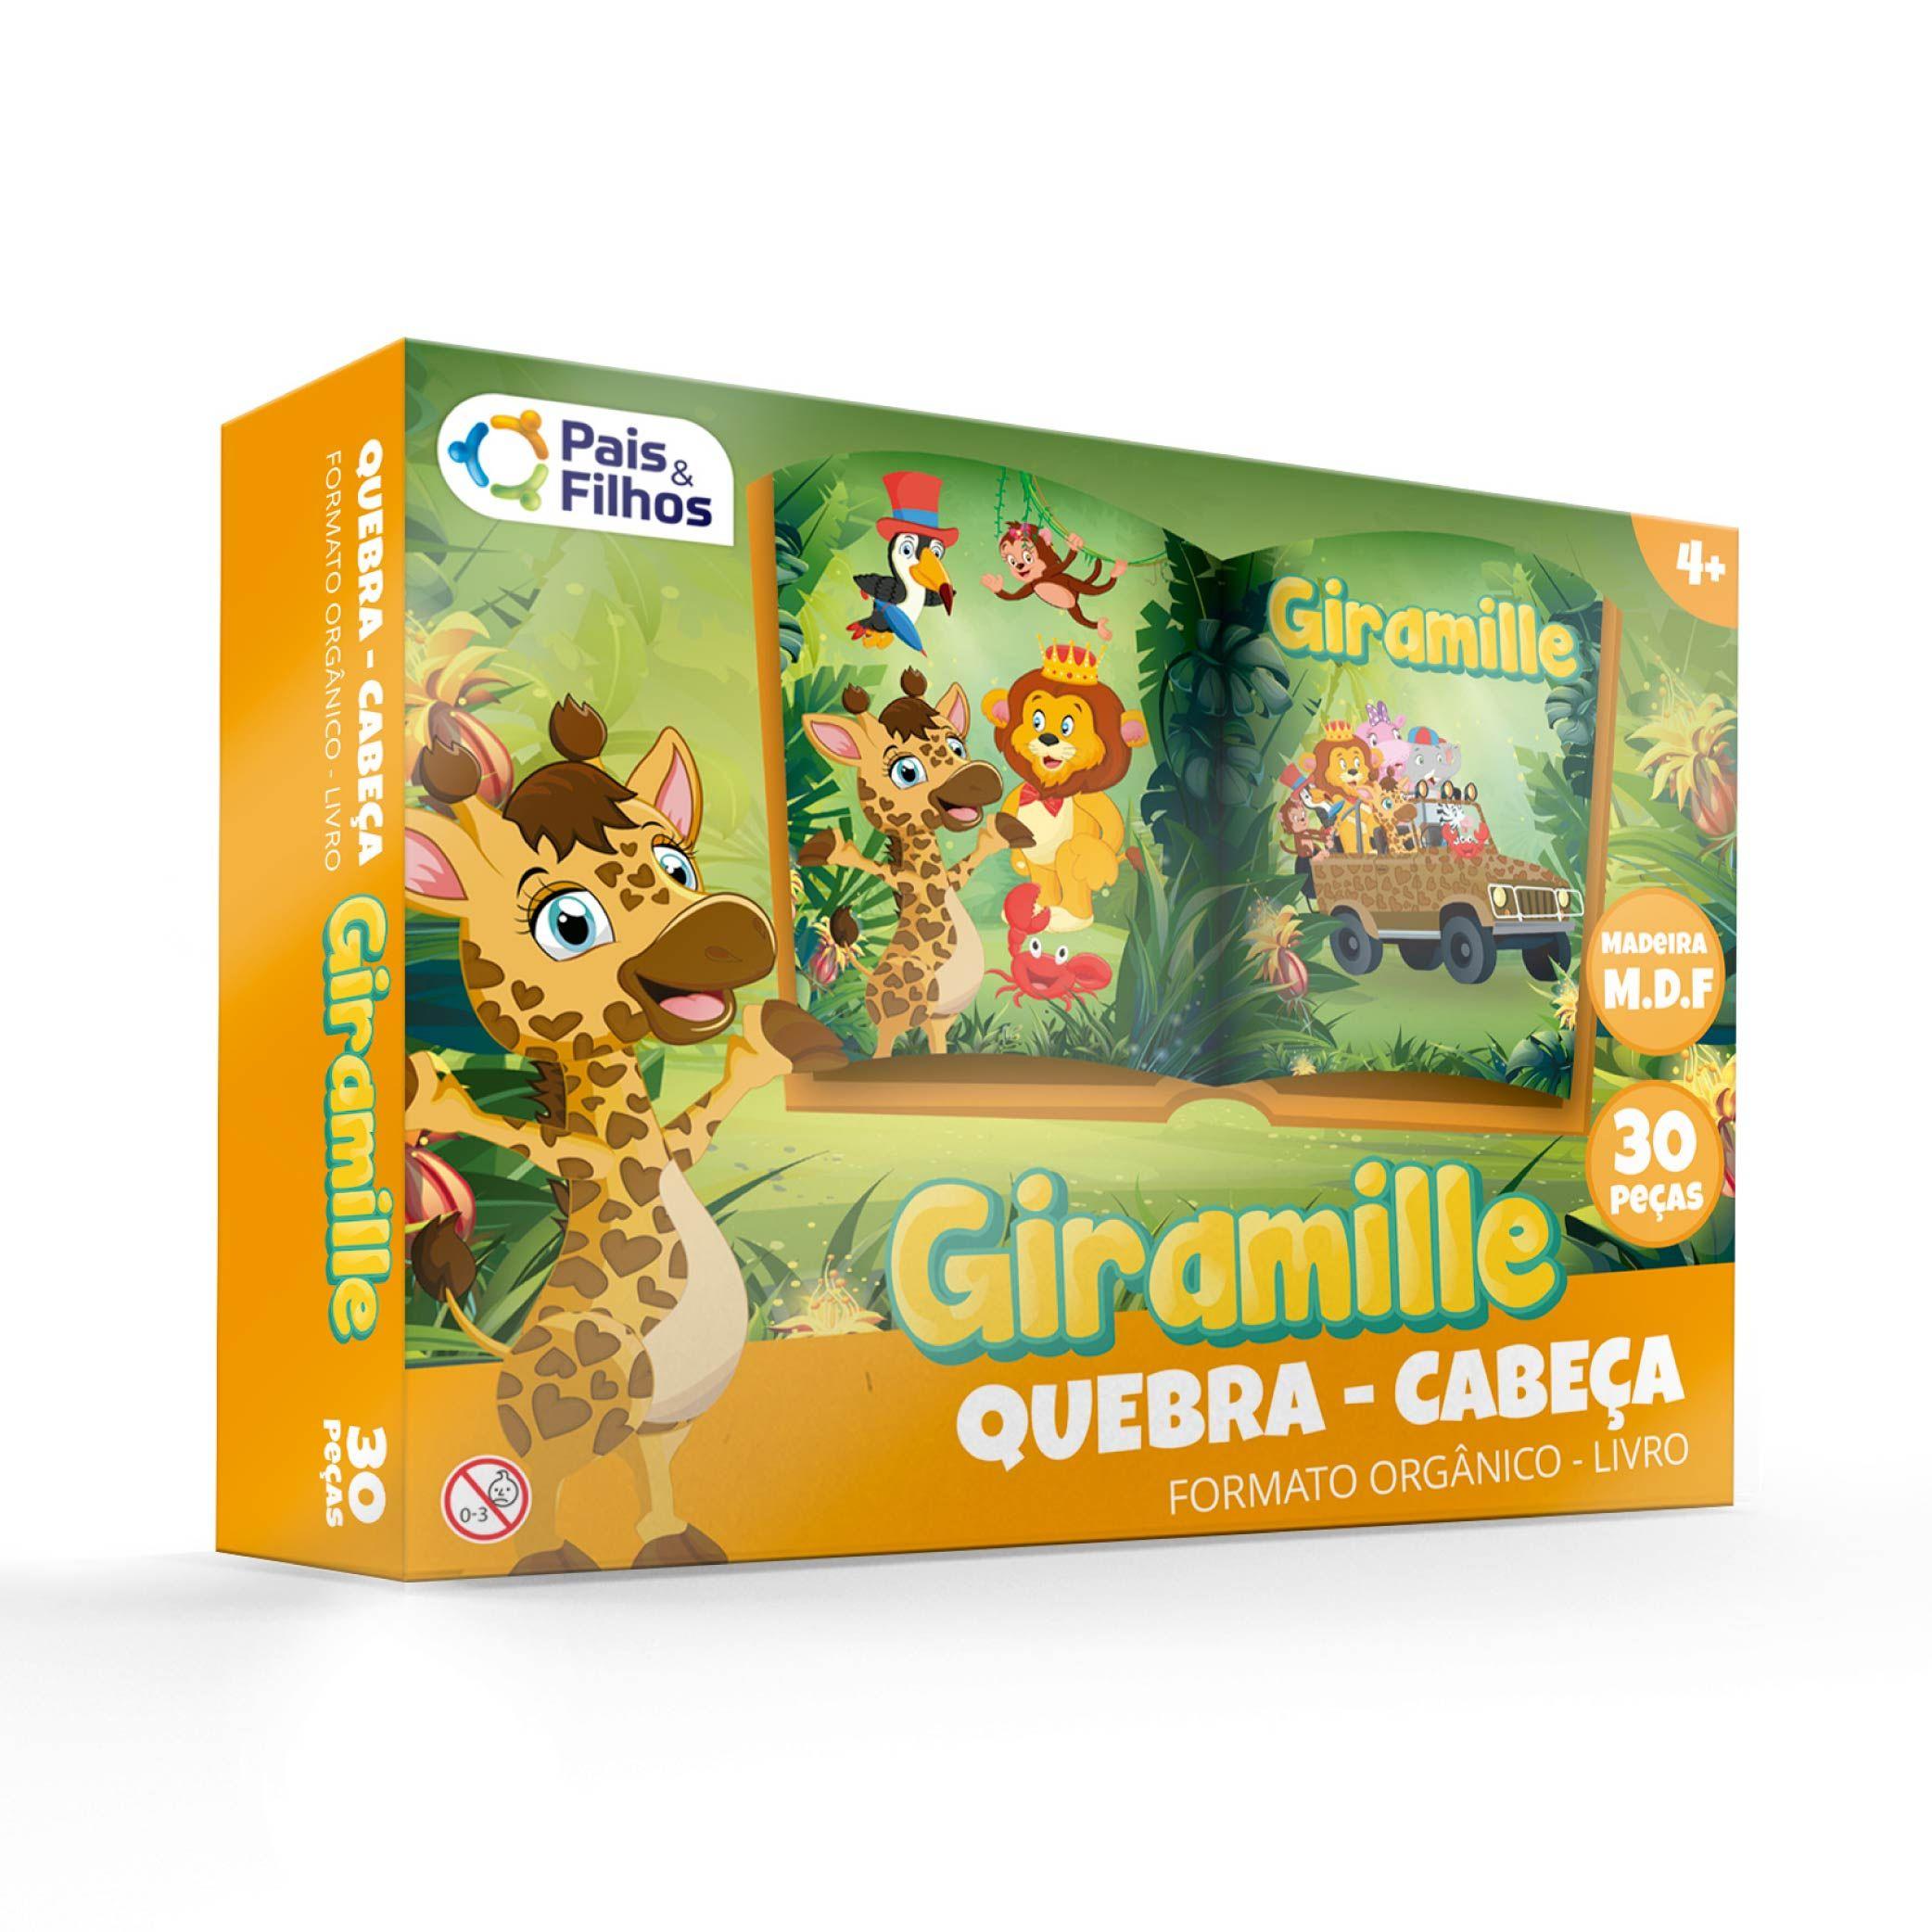 Giramille - Quebra Cabeça Orgânico - 30 pçs MDF-10788